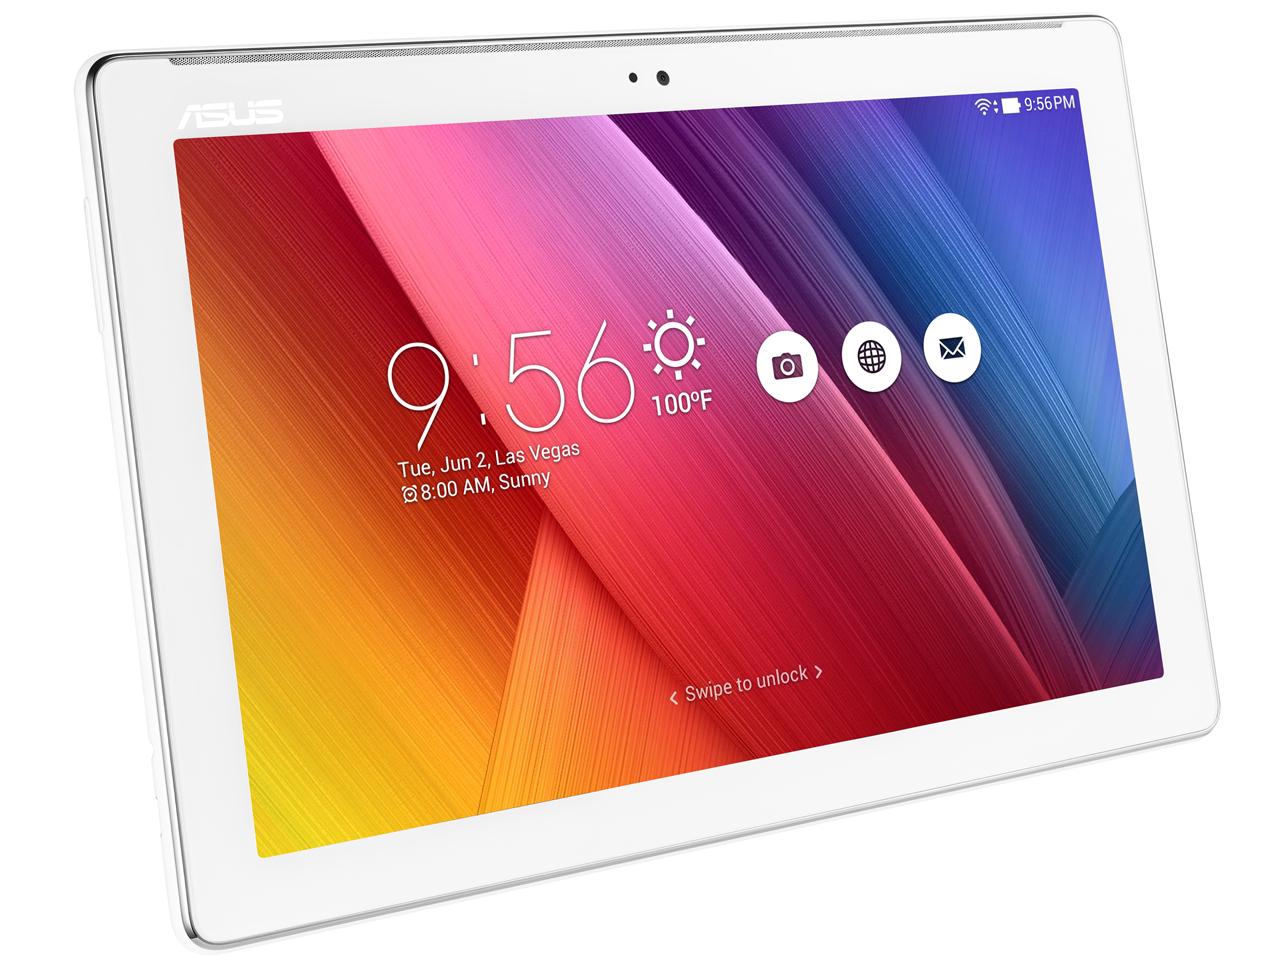 『本体』 ASUS ZenPad 10 Z300C-WH16 [ホワイト] の製品画像